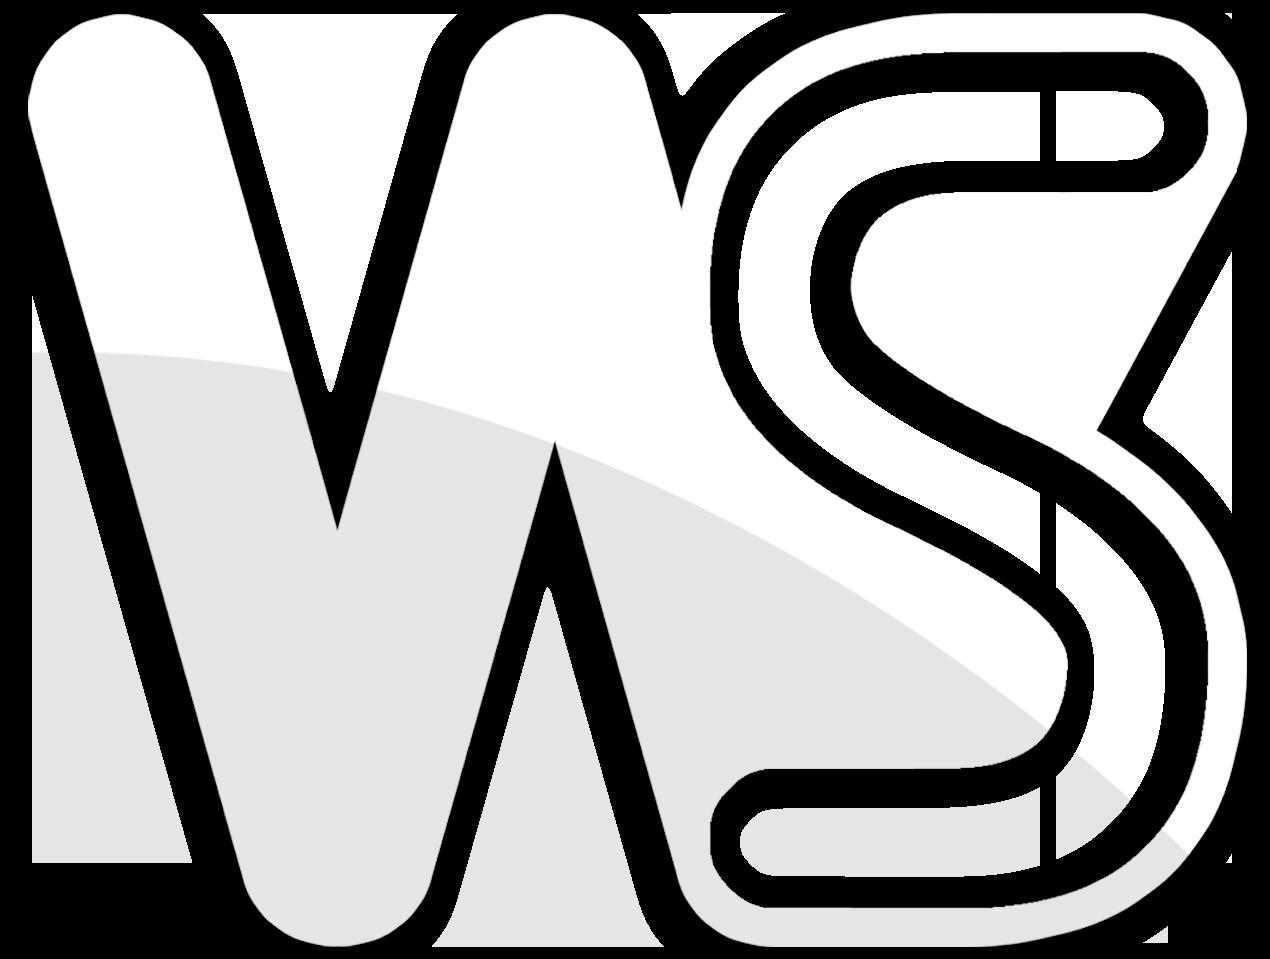 WhiteSouls